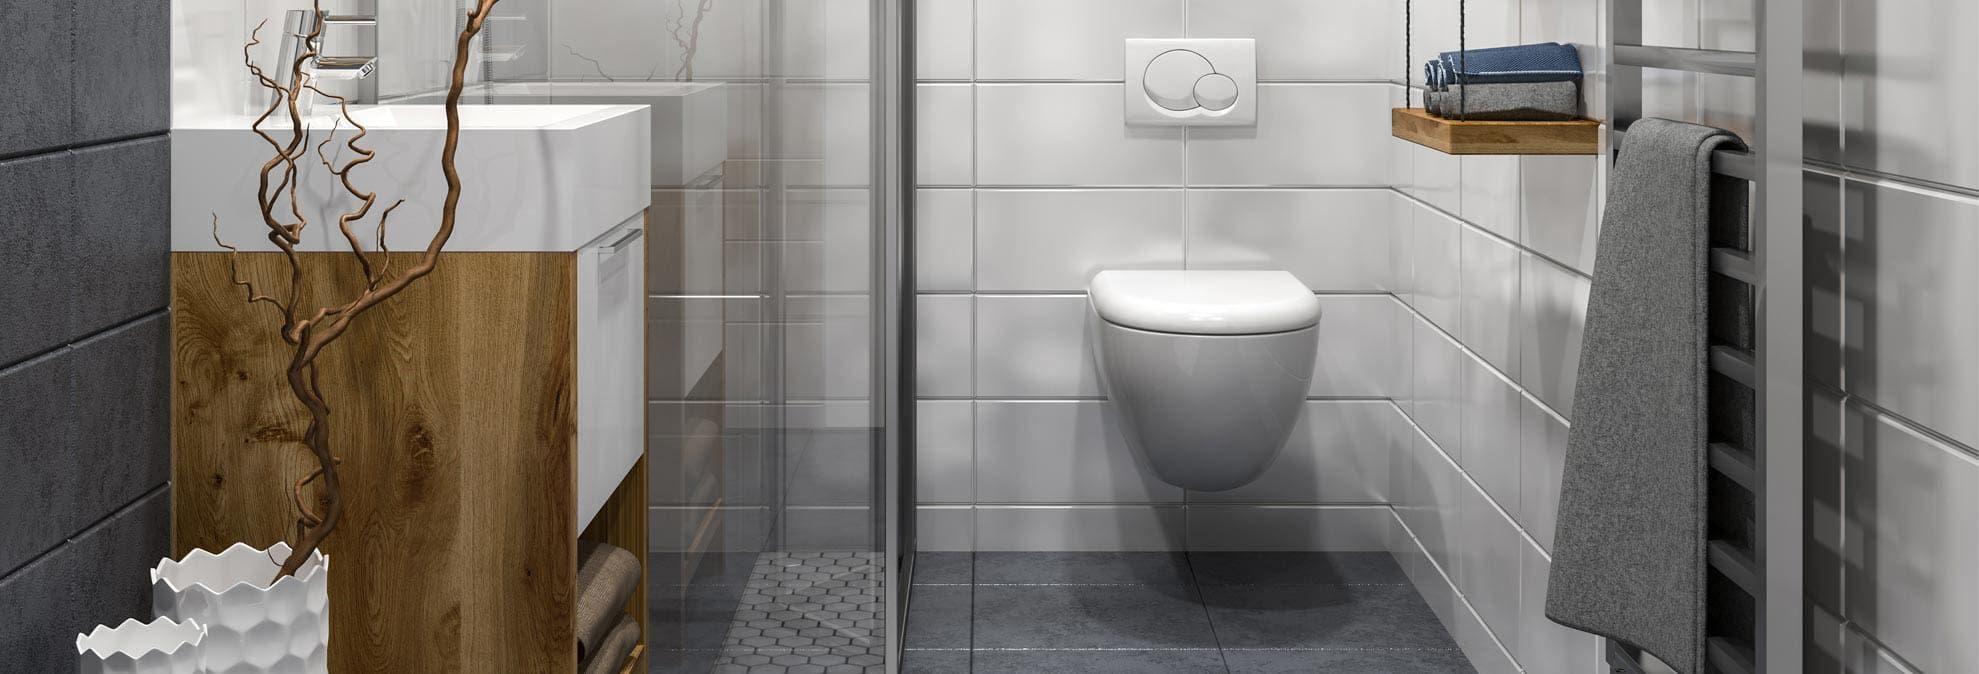 The Pros And Cons Of Wall Mounted Toilets 2020 Banyo Duzeni Banyo Aksesuarlari Banyo